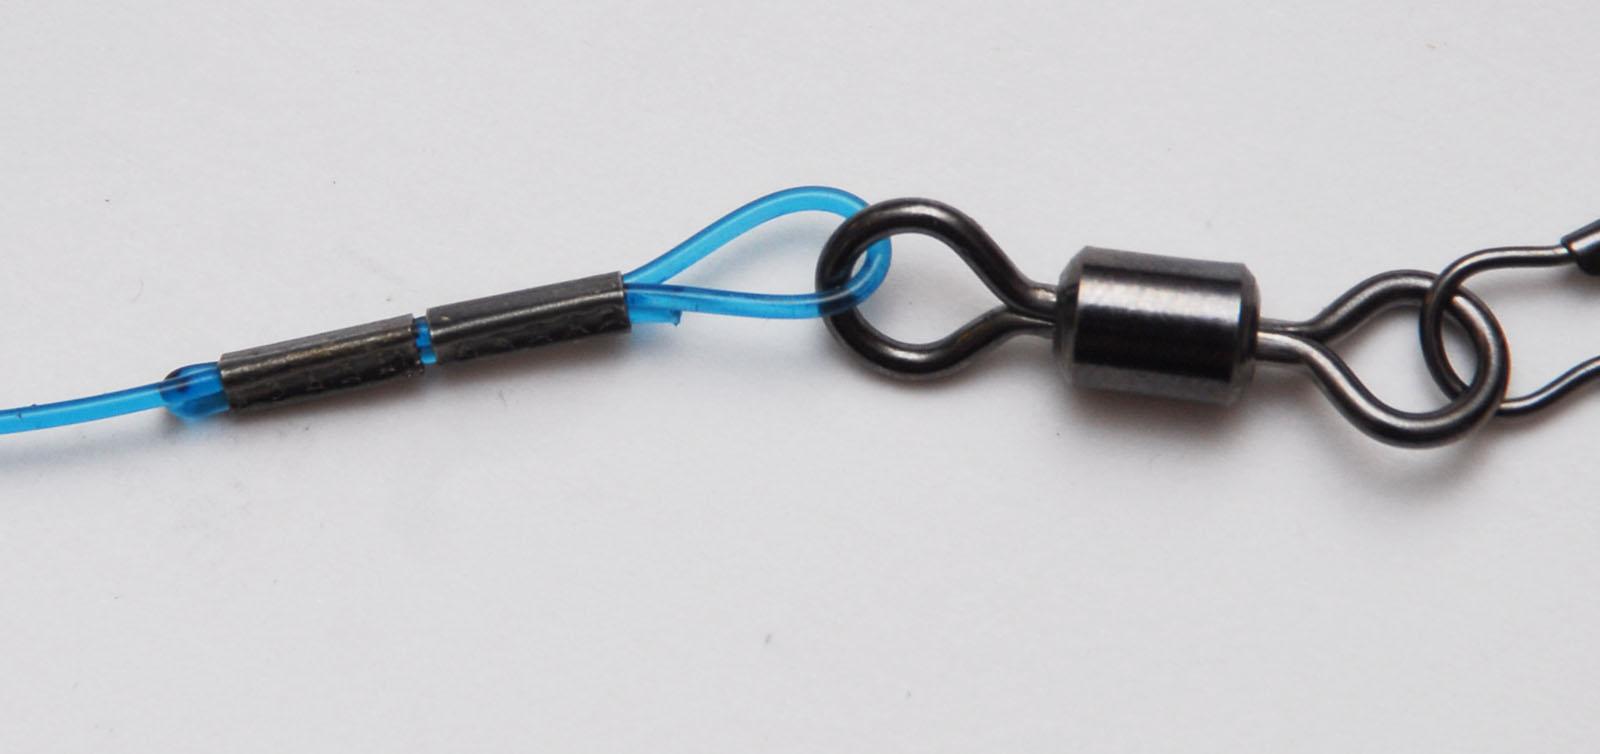 Поводок на щуку из флюрокарбона своими руками: пошаговая инструкция 68